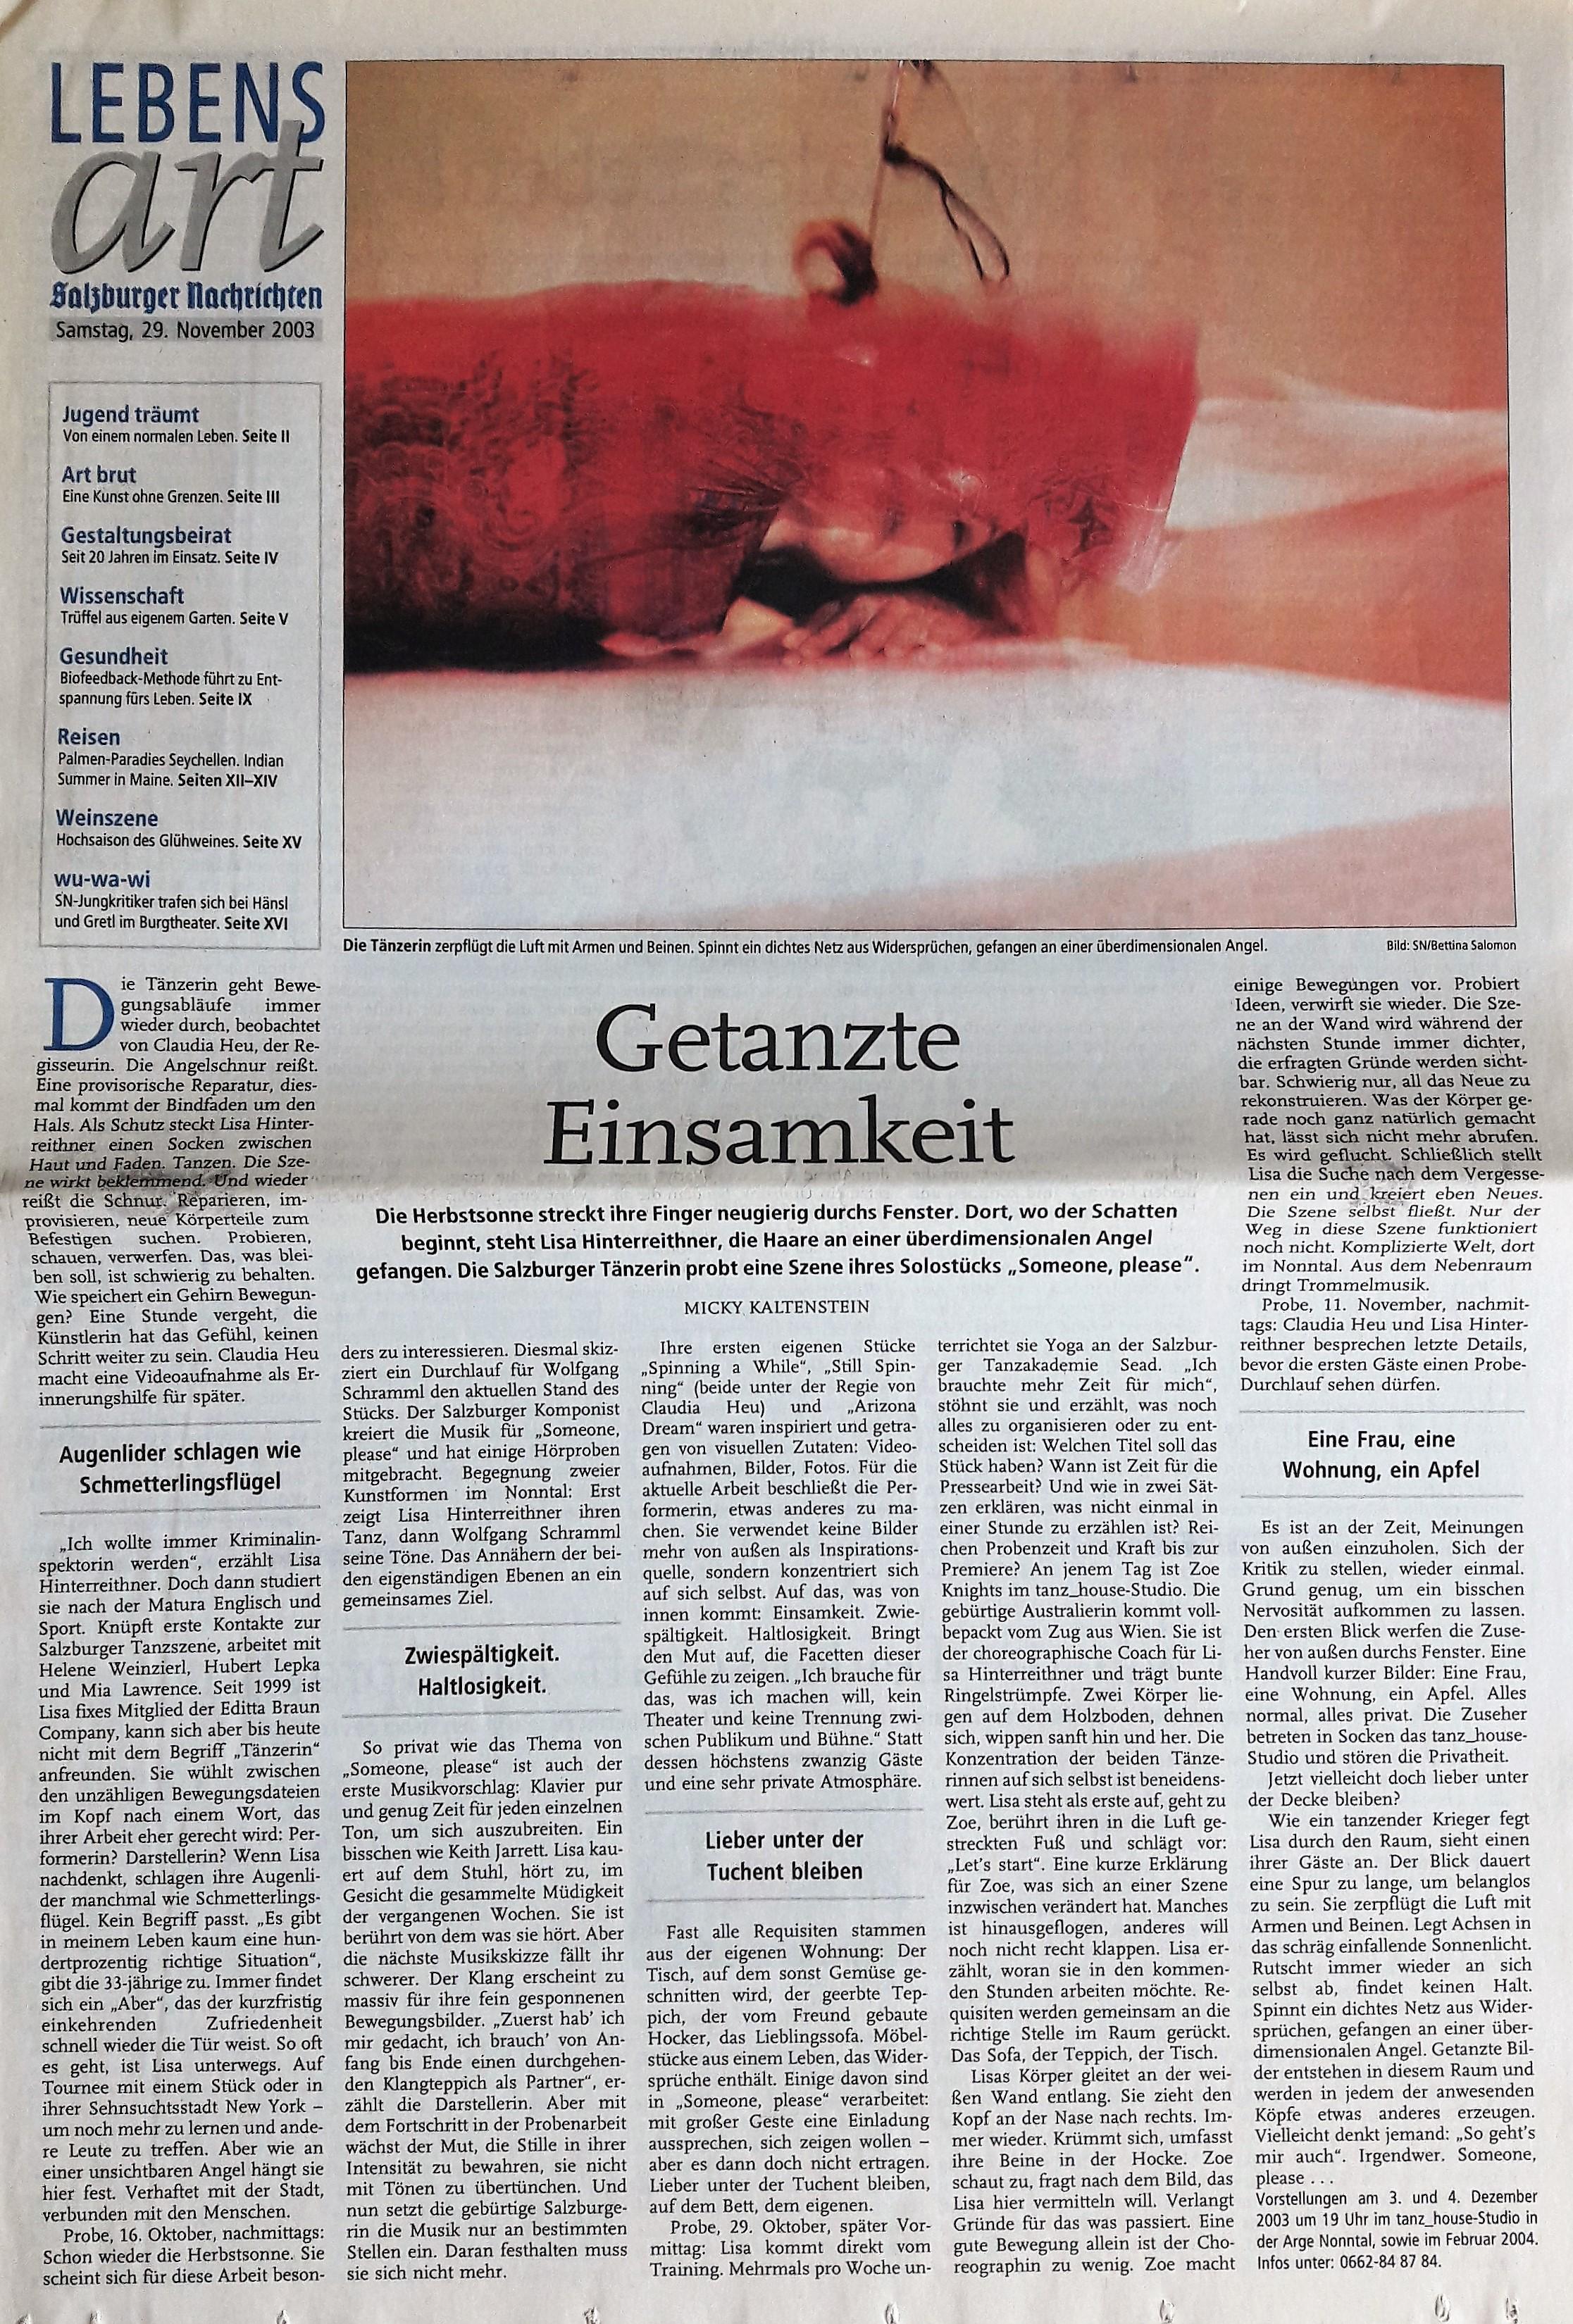 Getanzte Einsamkeit_SN Wochenende 2003_m kaltenstein